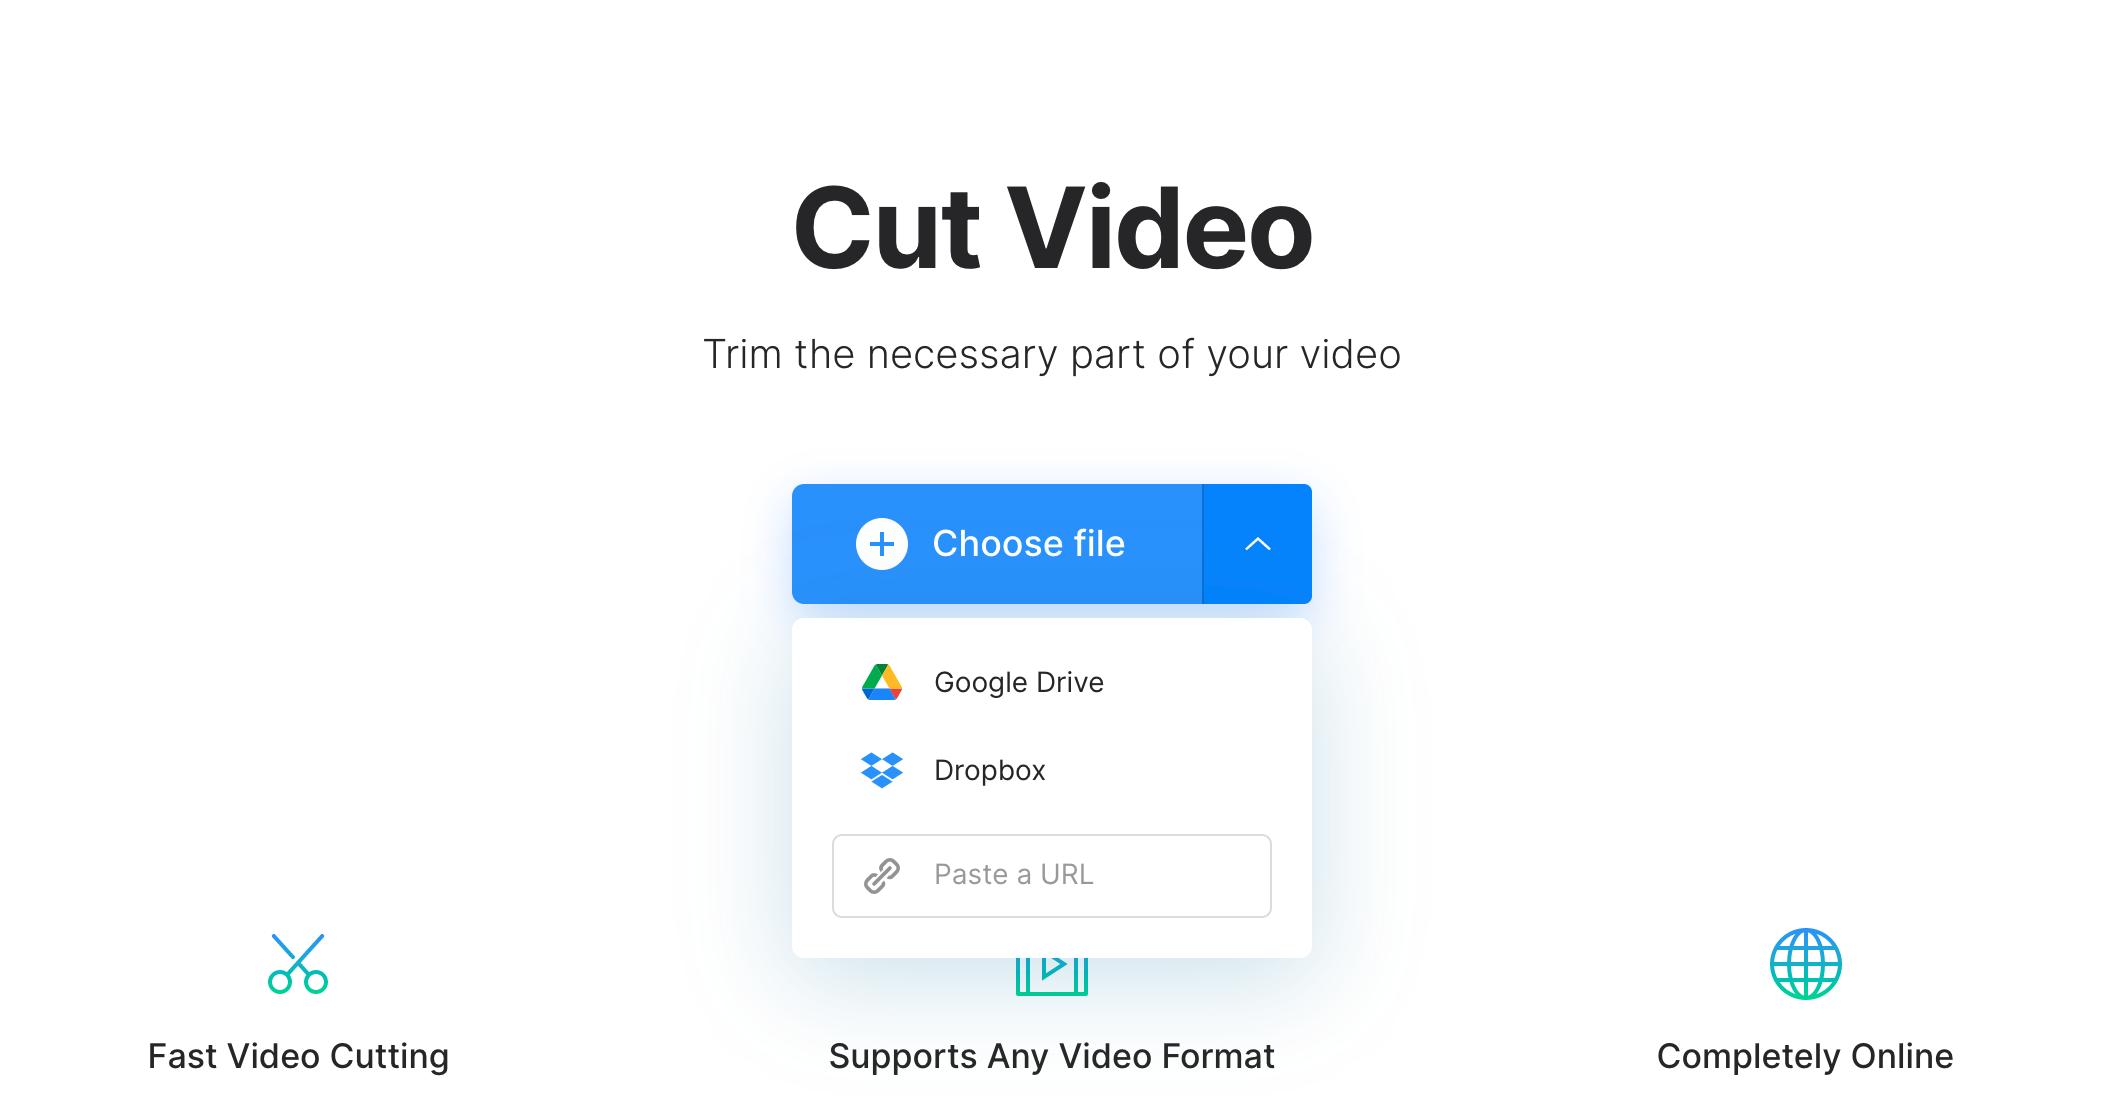 Upload Facebook video to trim